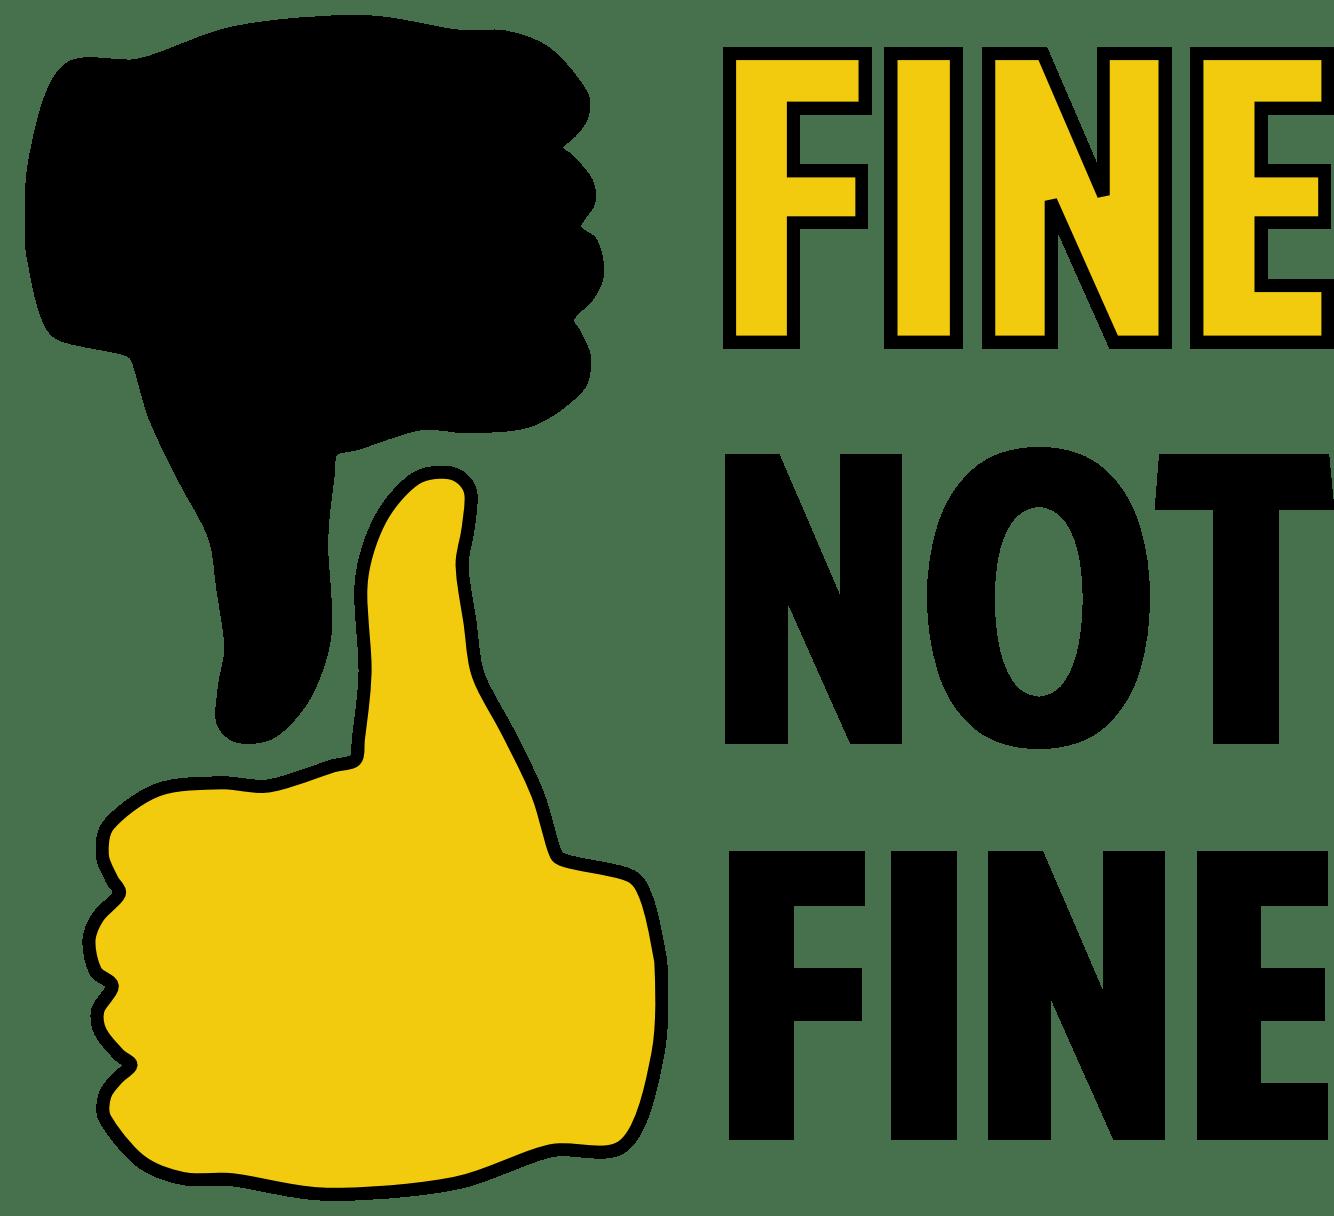 fnf-4-Outline-1